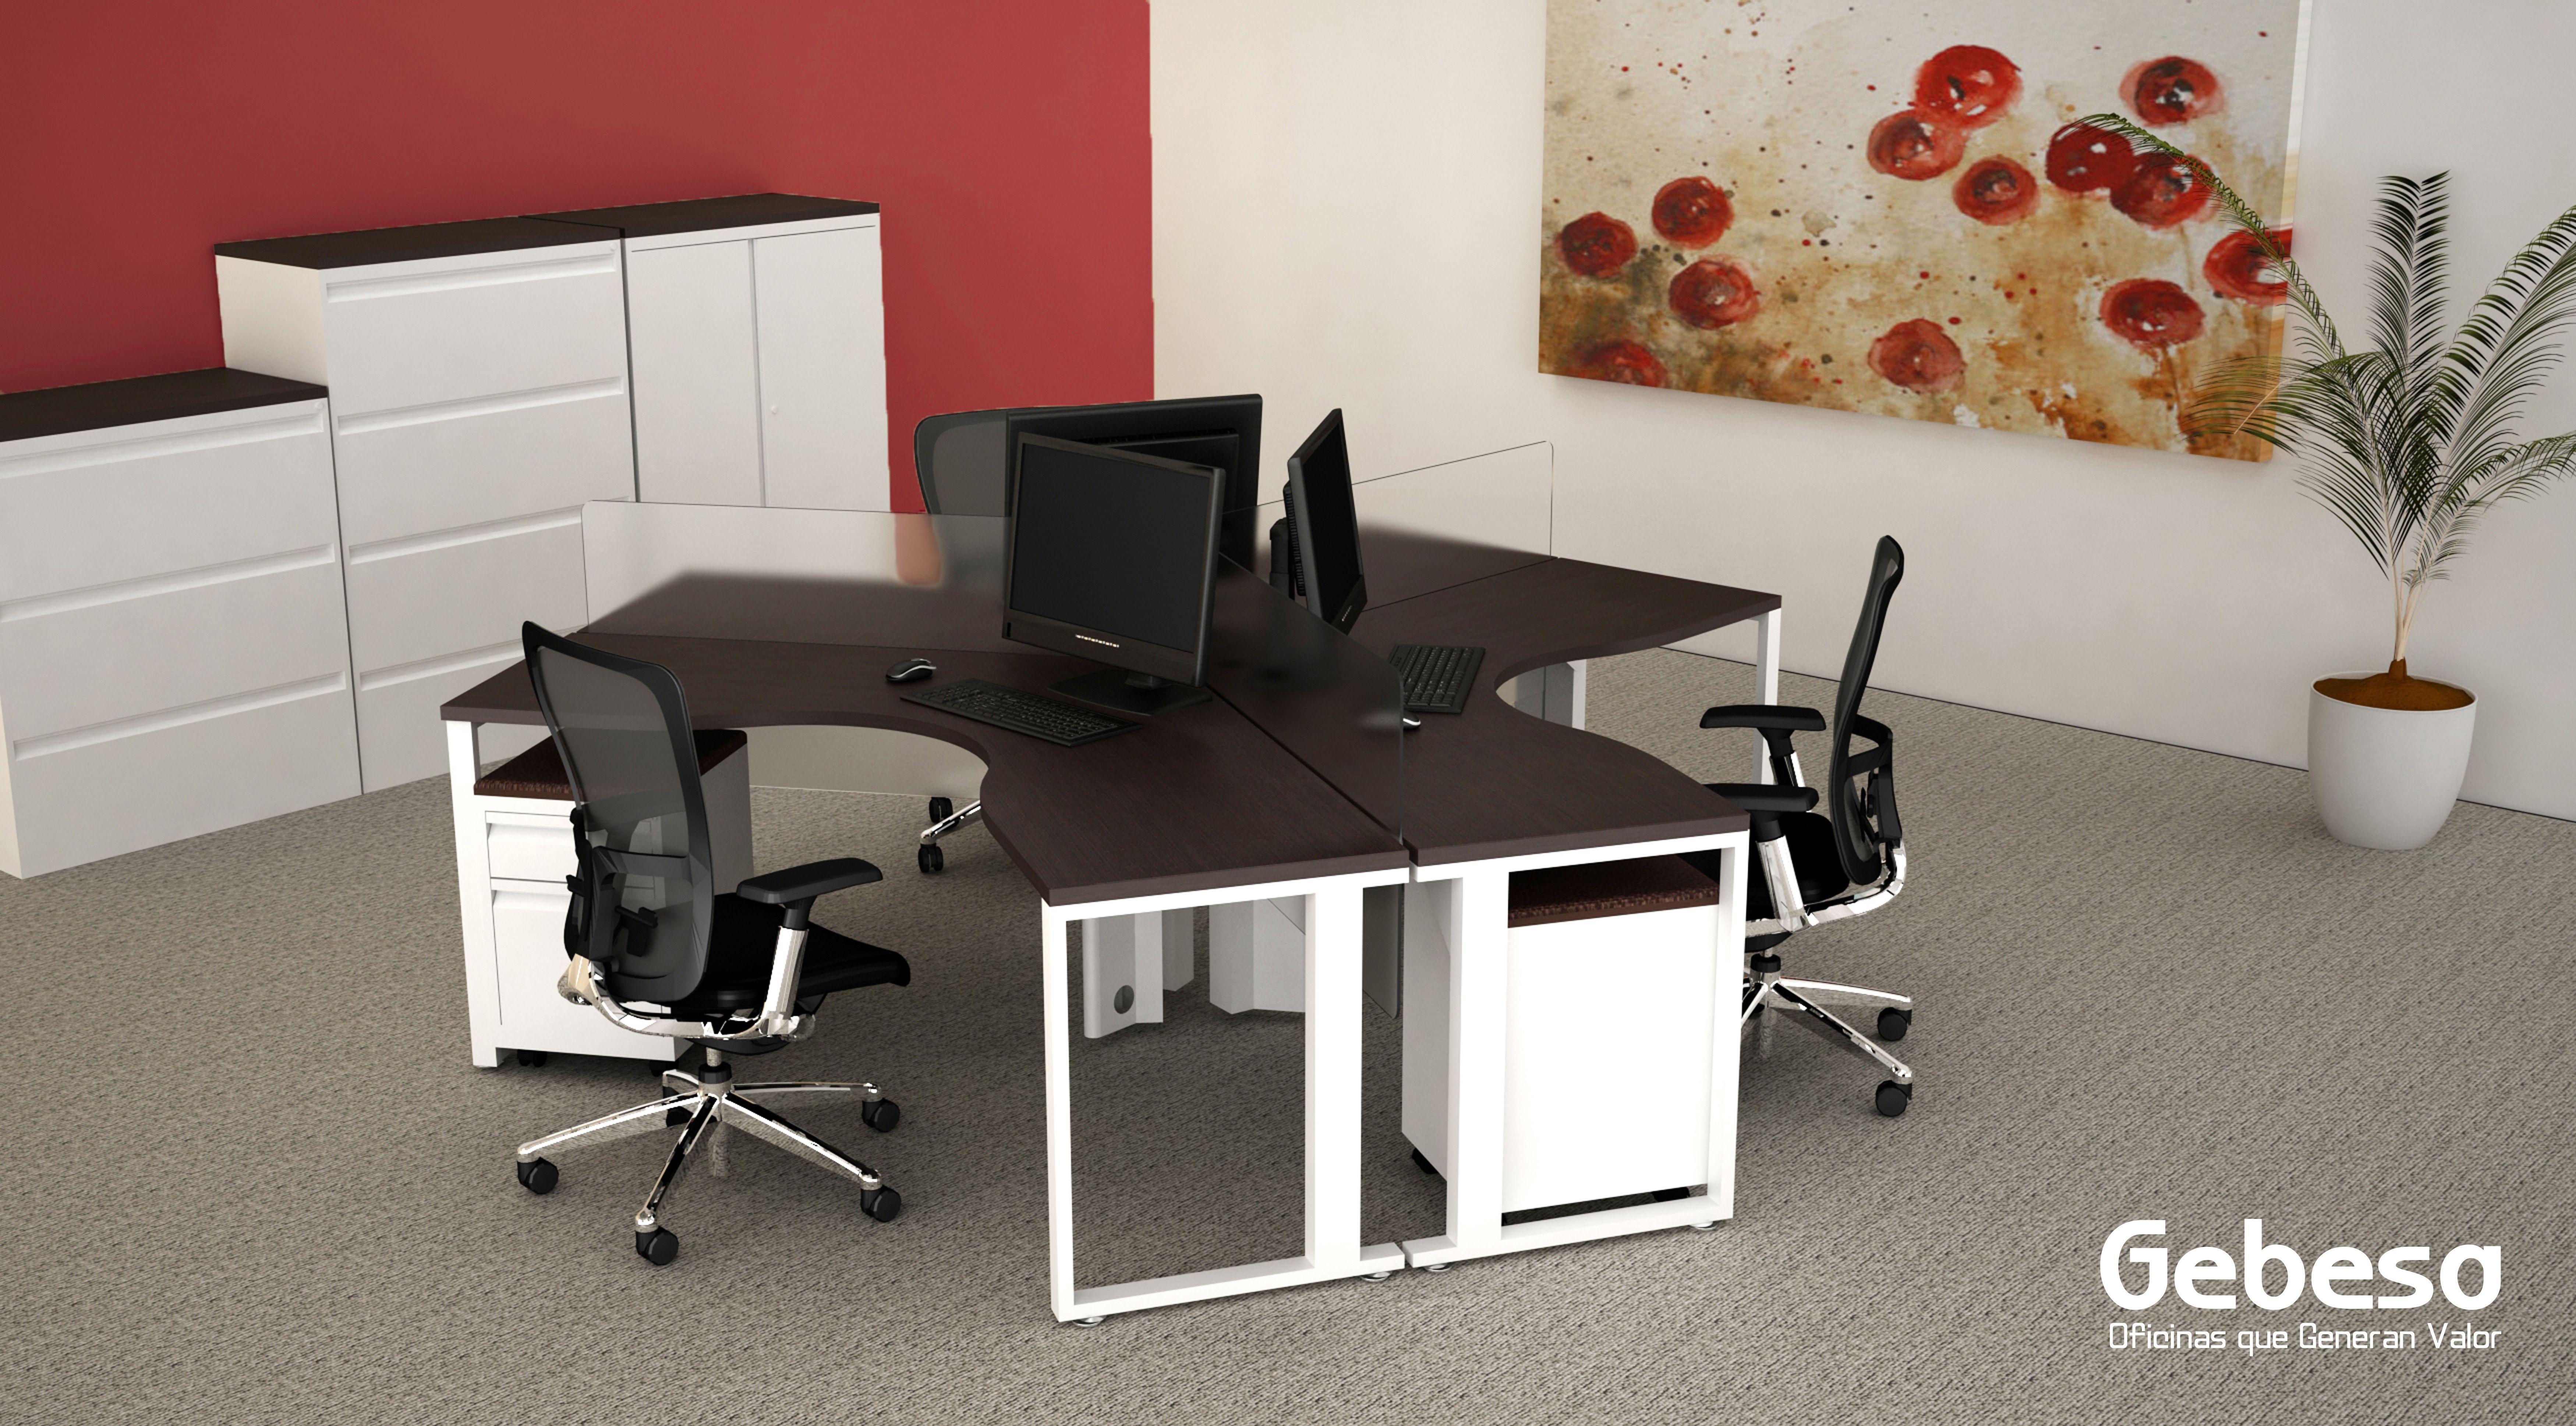 Mobiliario de oficina ikea mueblesna baratos asturias for Mobiliario de oficina asturias